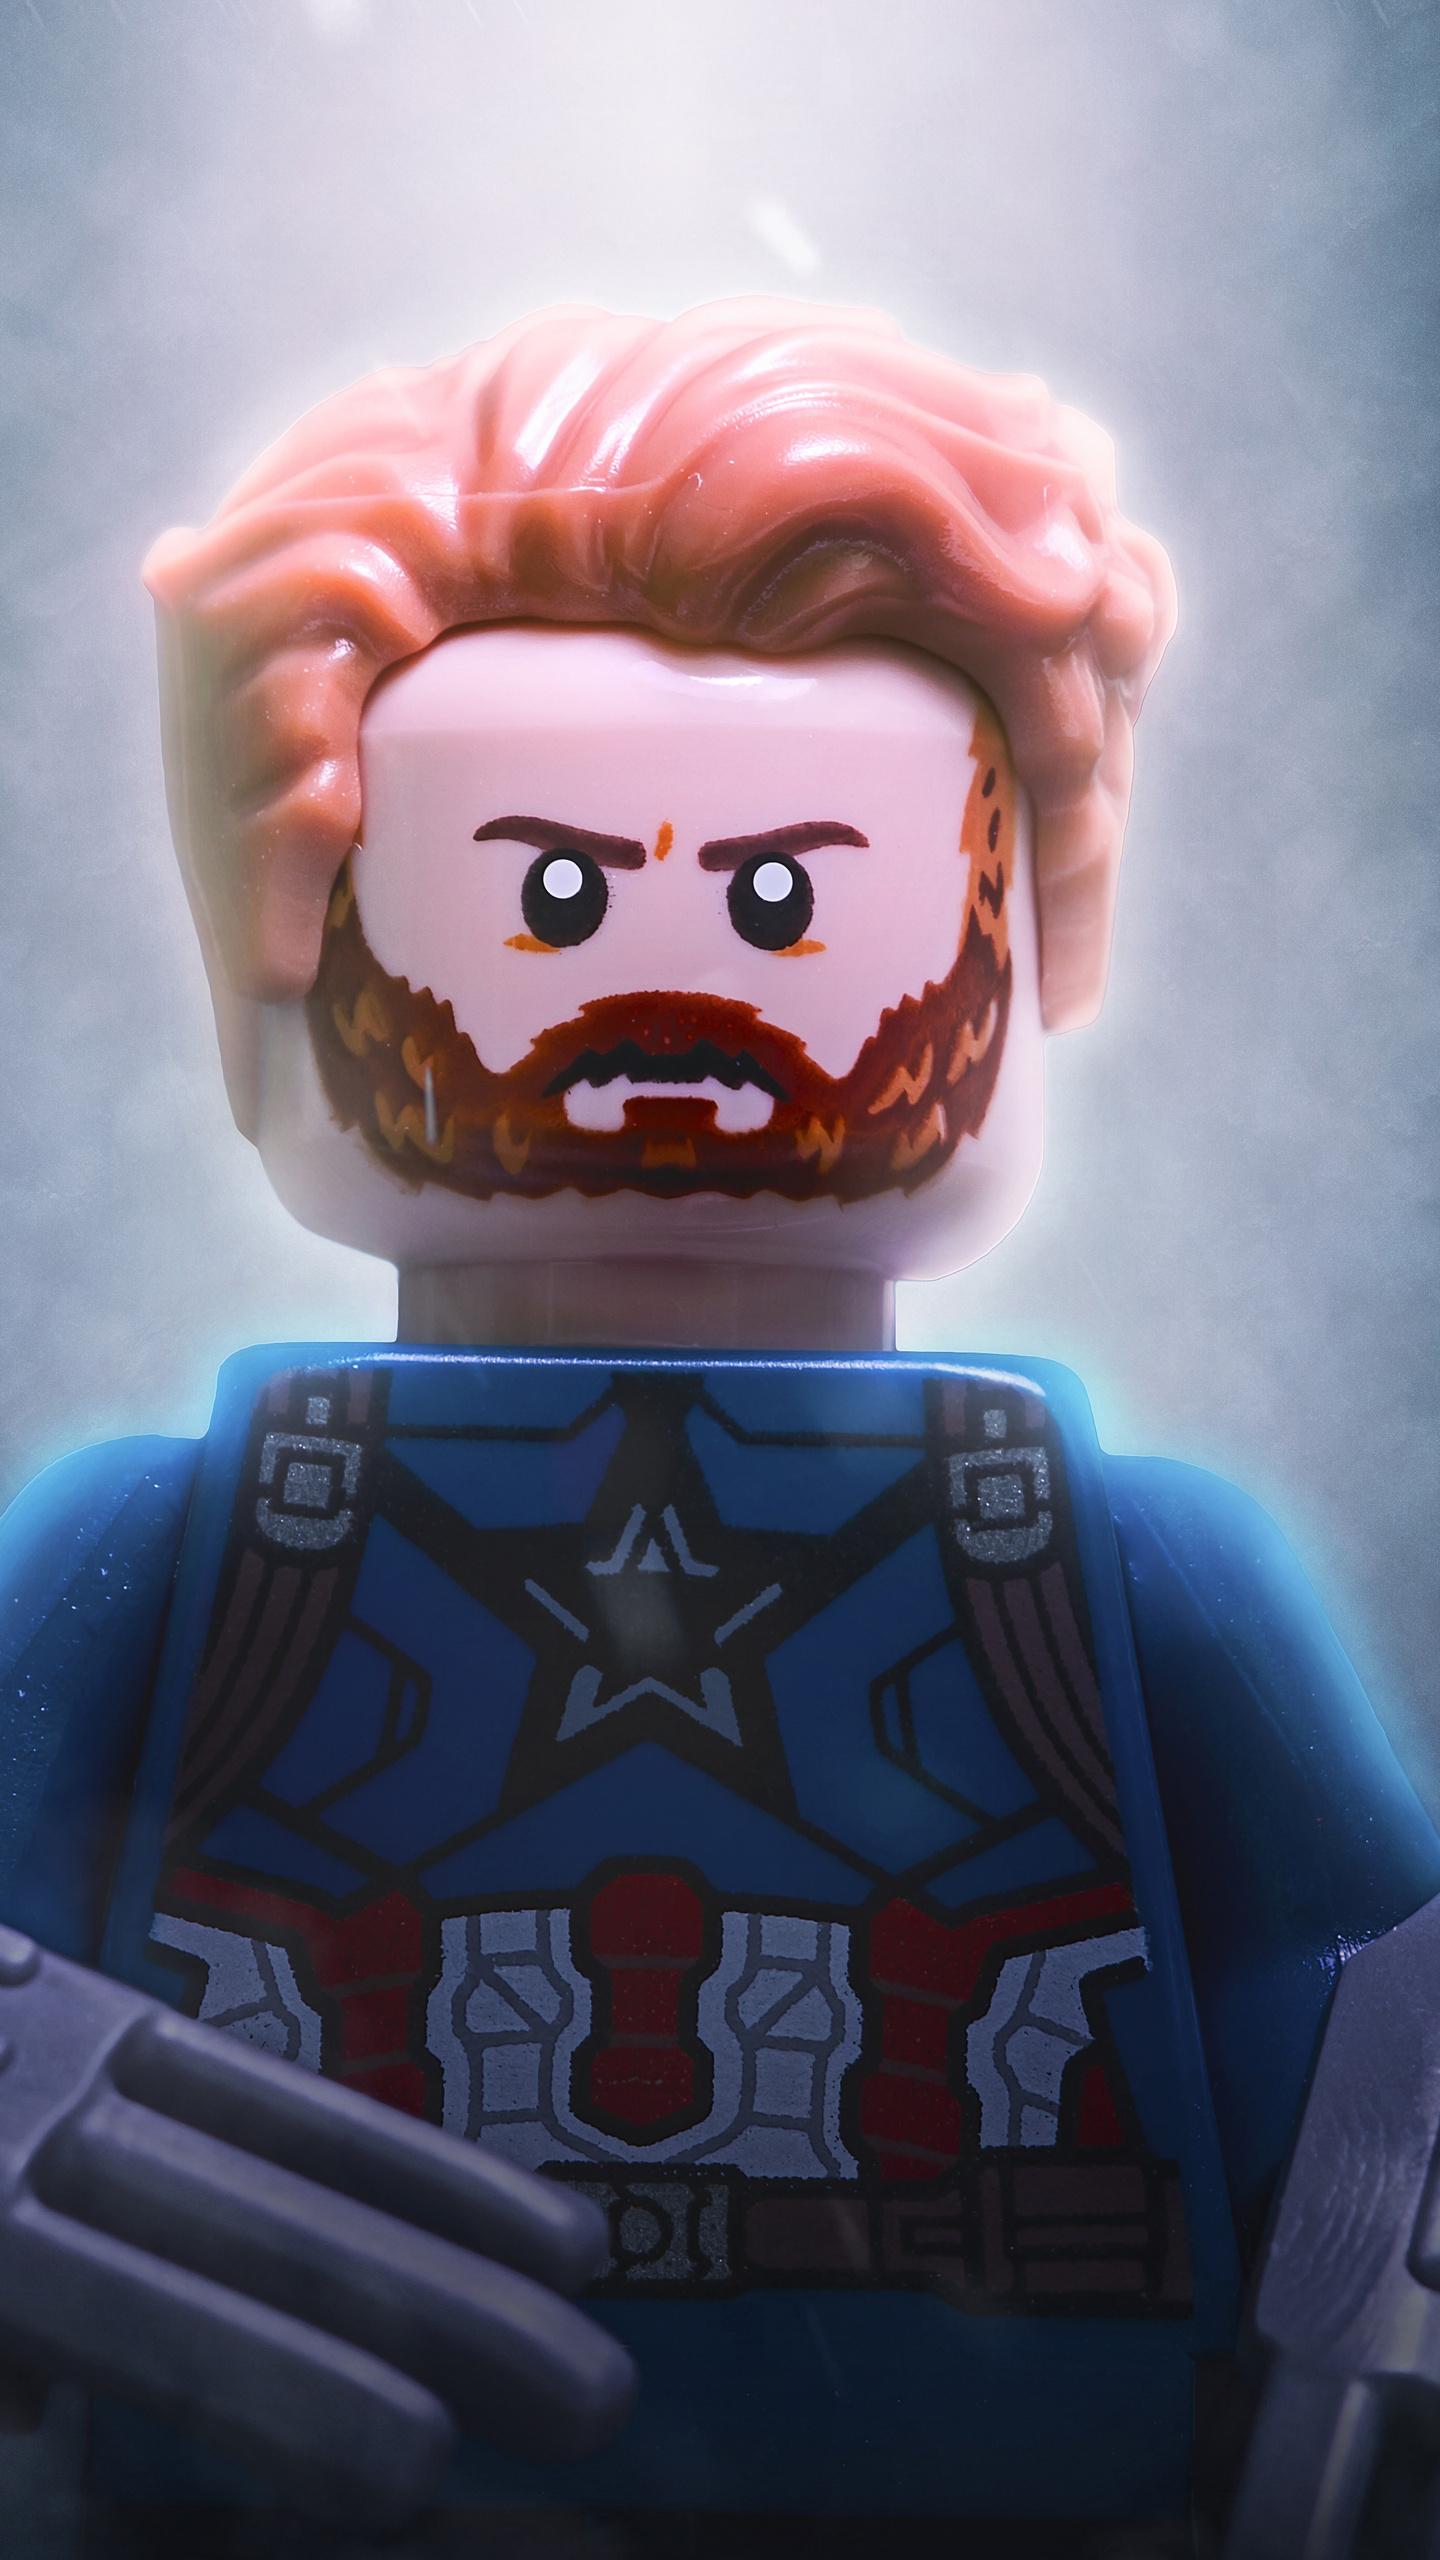 captain-america-hot-toy-for-avengers-infinity-war-ye.jpg